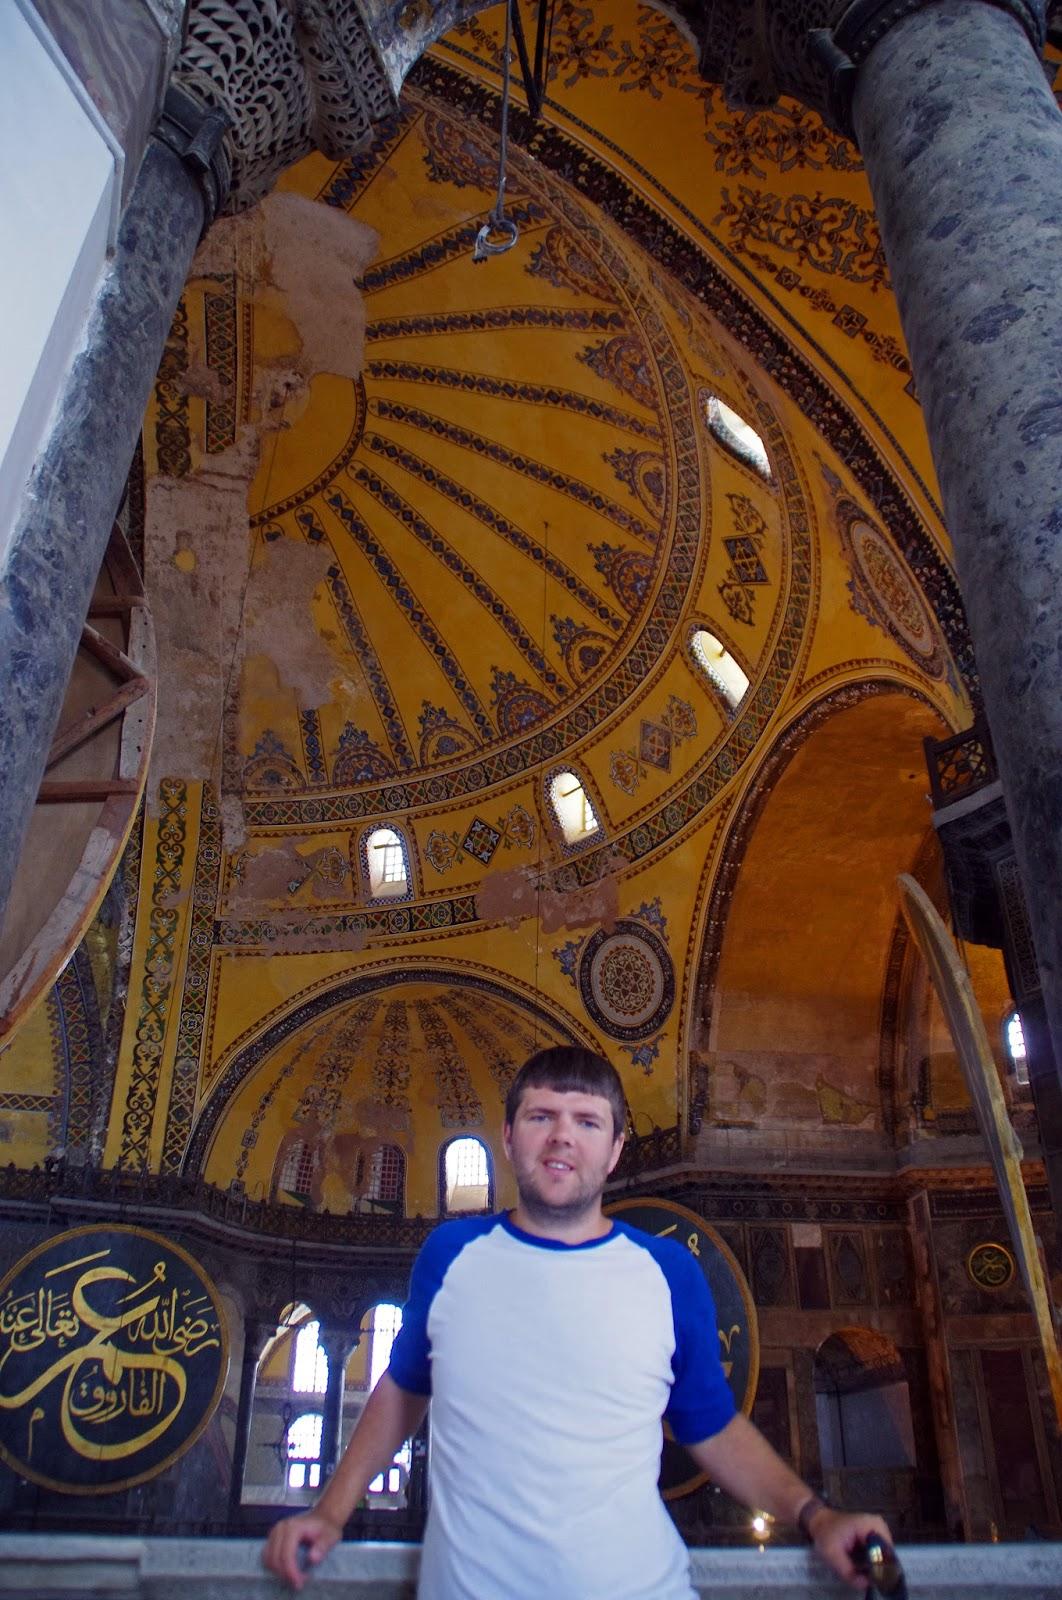 Interior of Hagia Sophia Istanbul